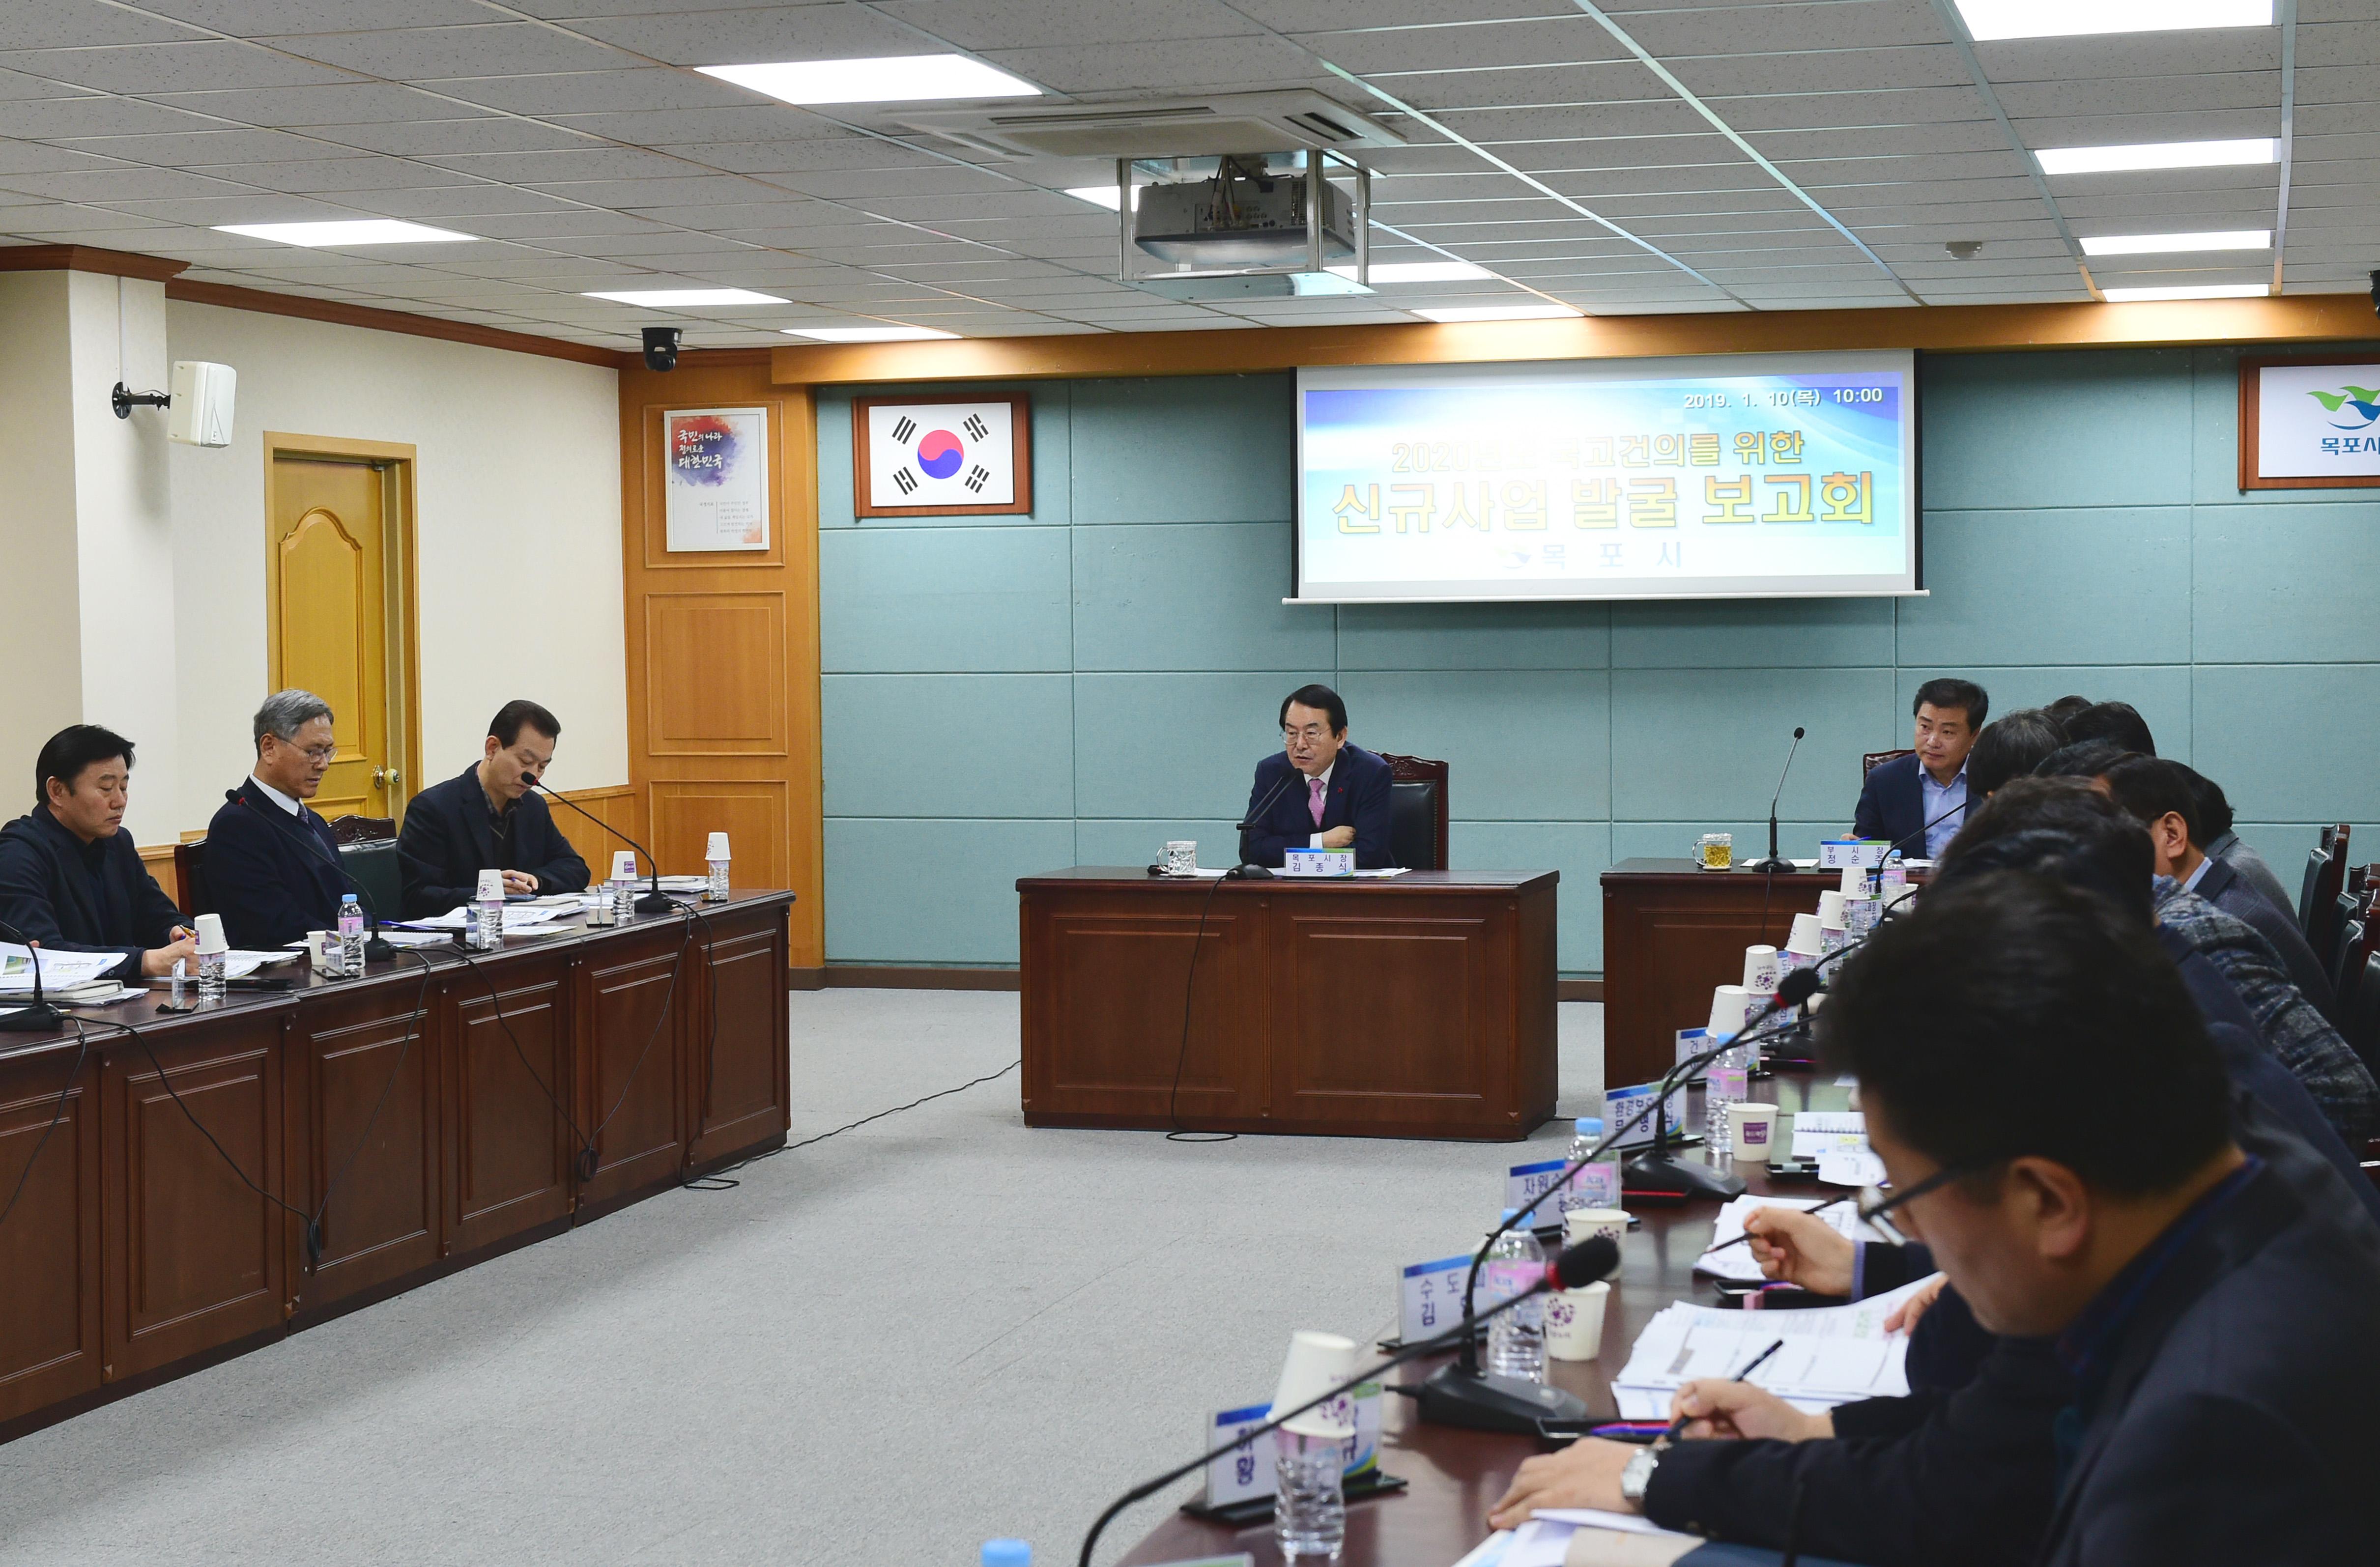 목포시, 2020년 국비확보 신규사업 발굴보고회 개최